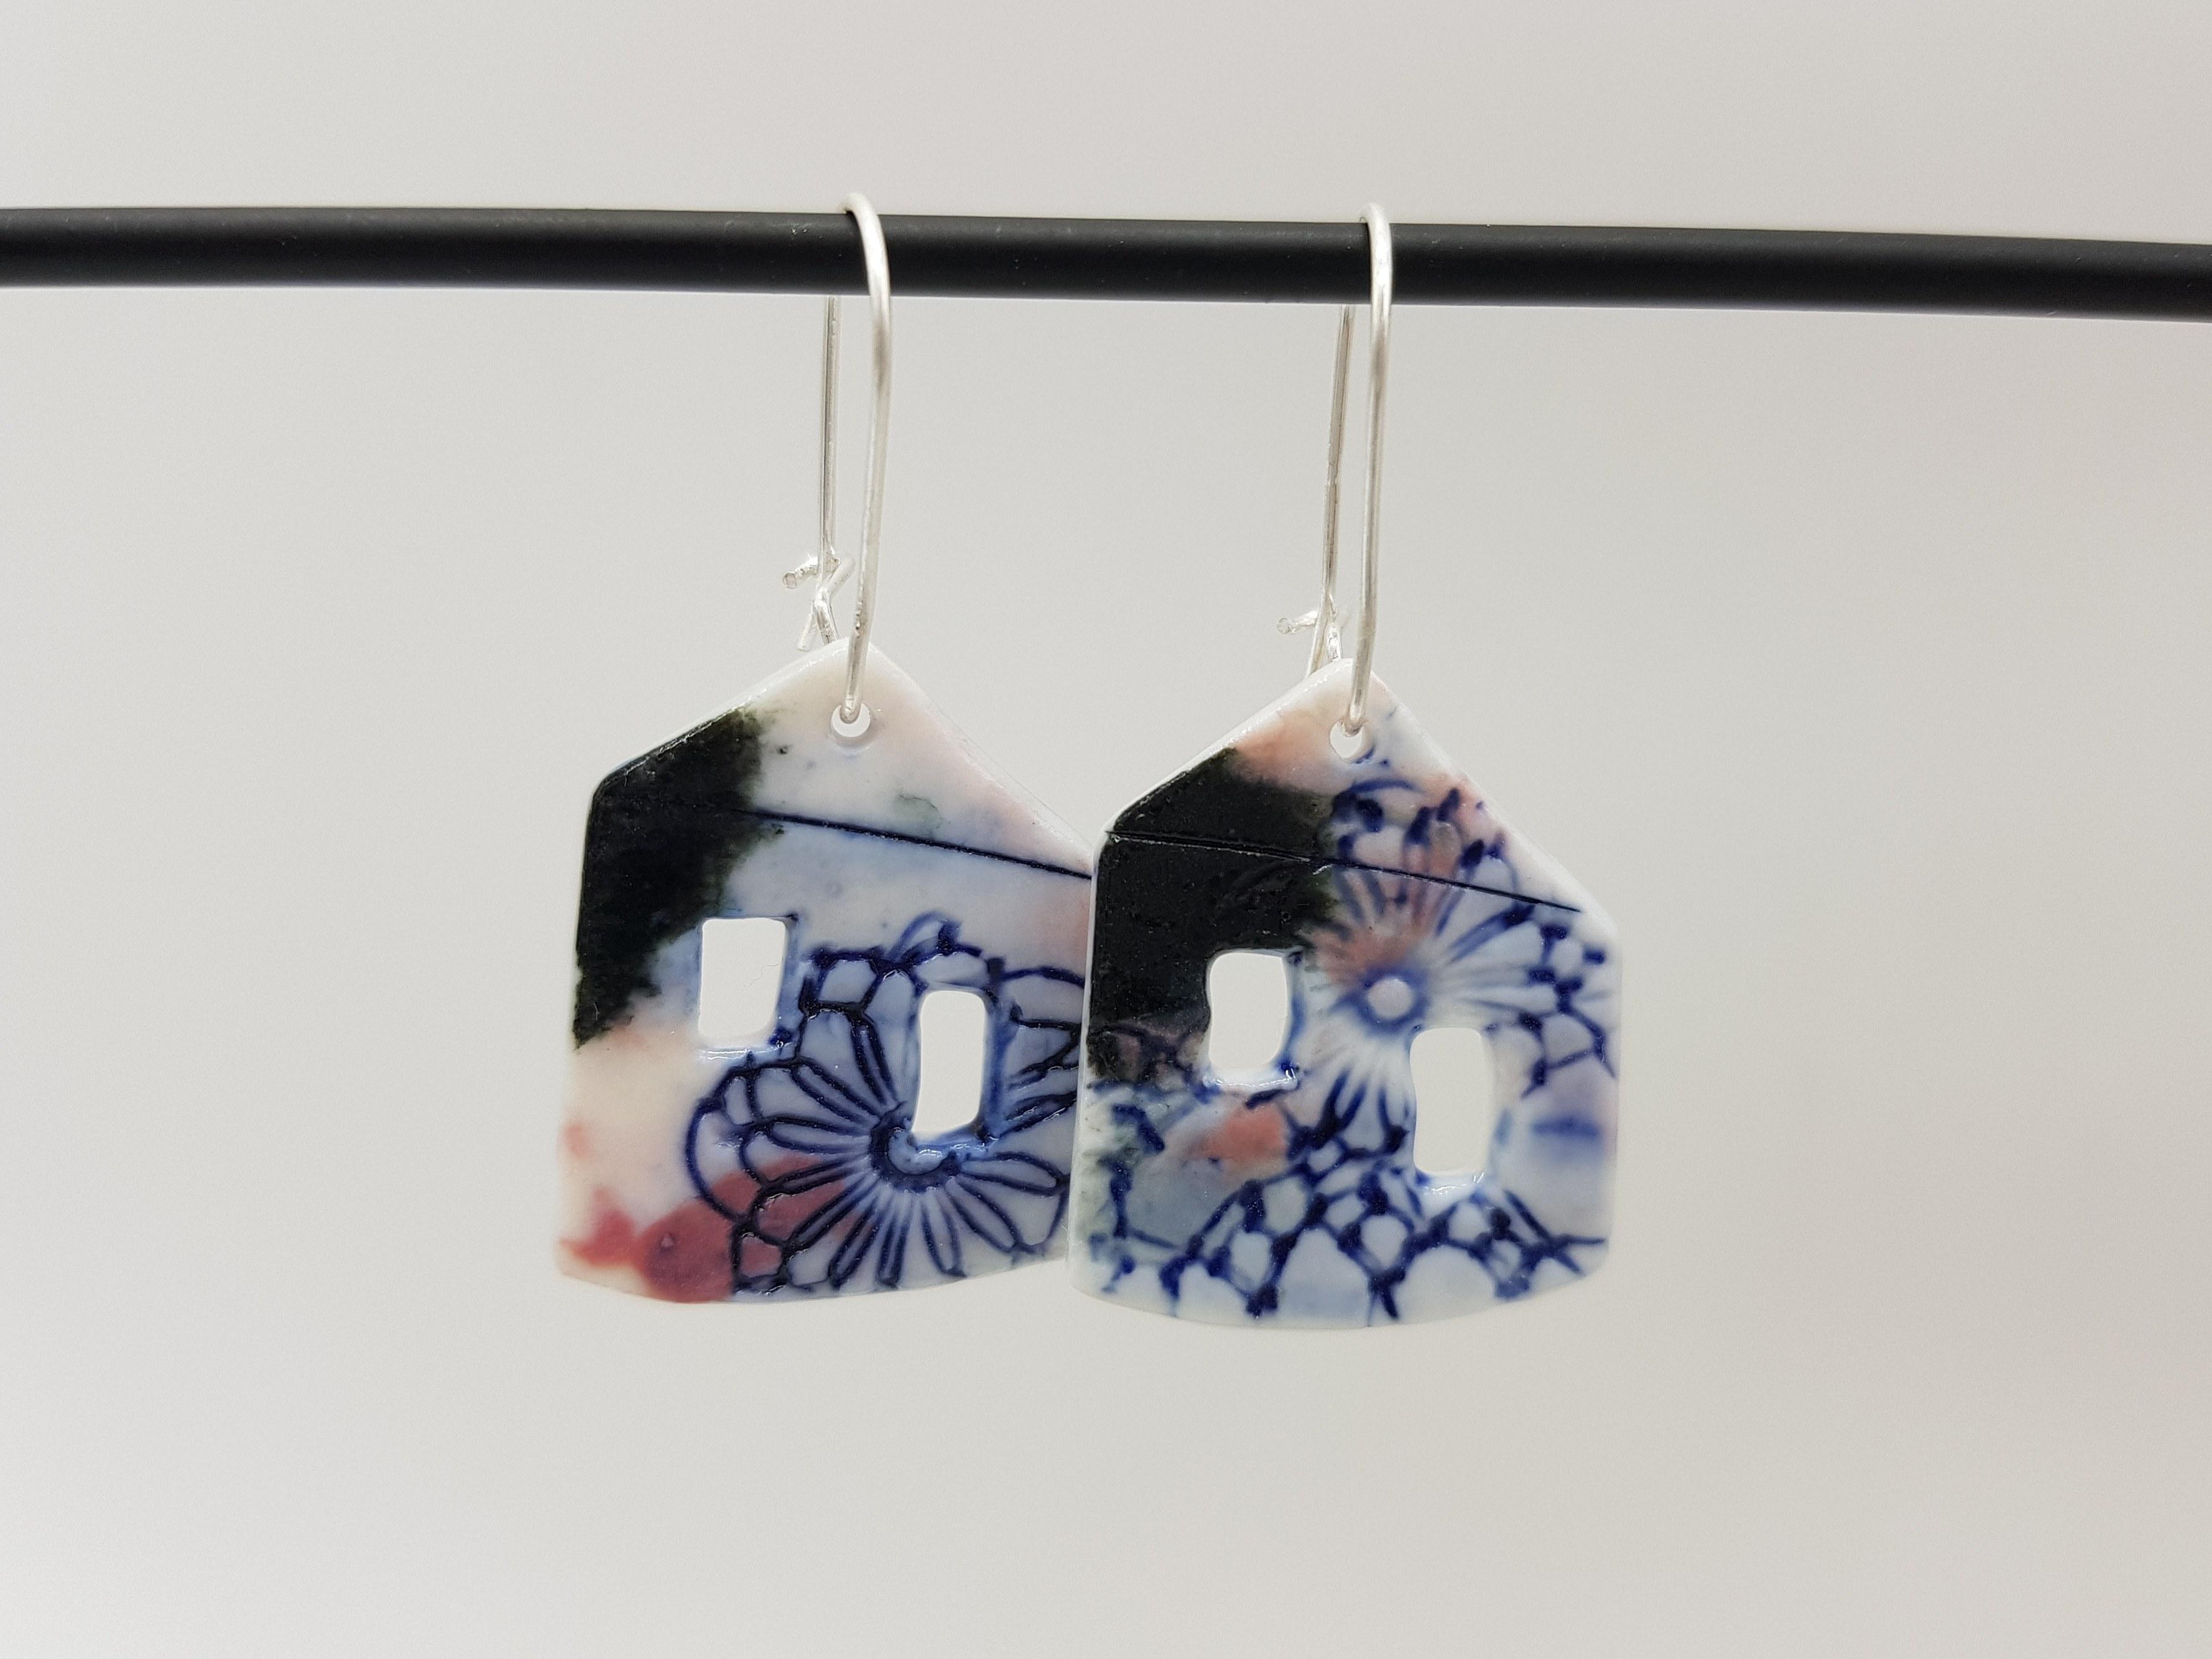 Boucles d'oreilles Maison - Collection Burano - Coloris Bleu foncé/Framboise